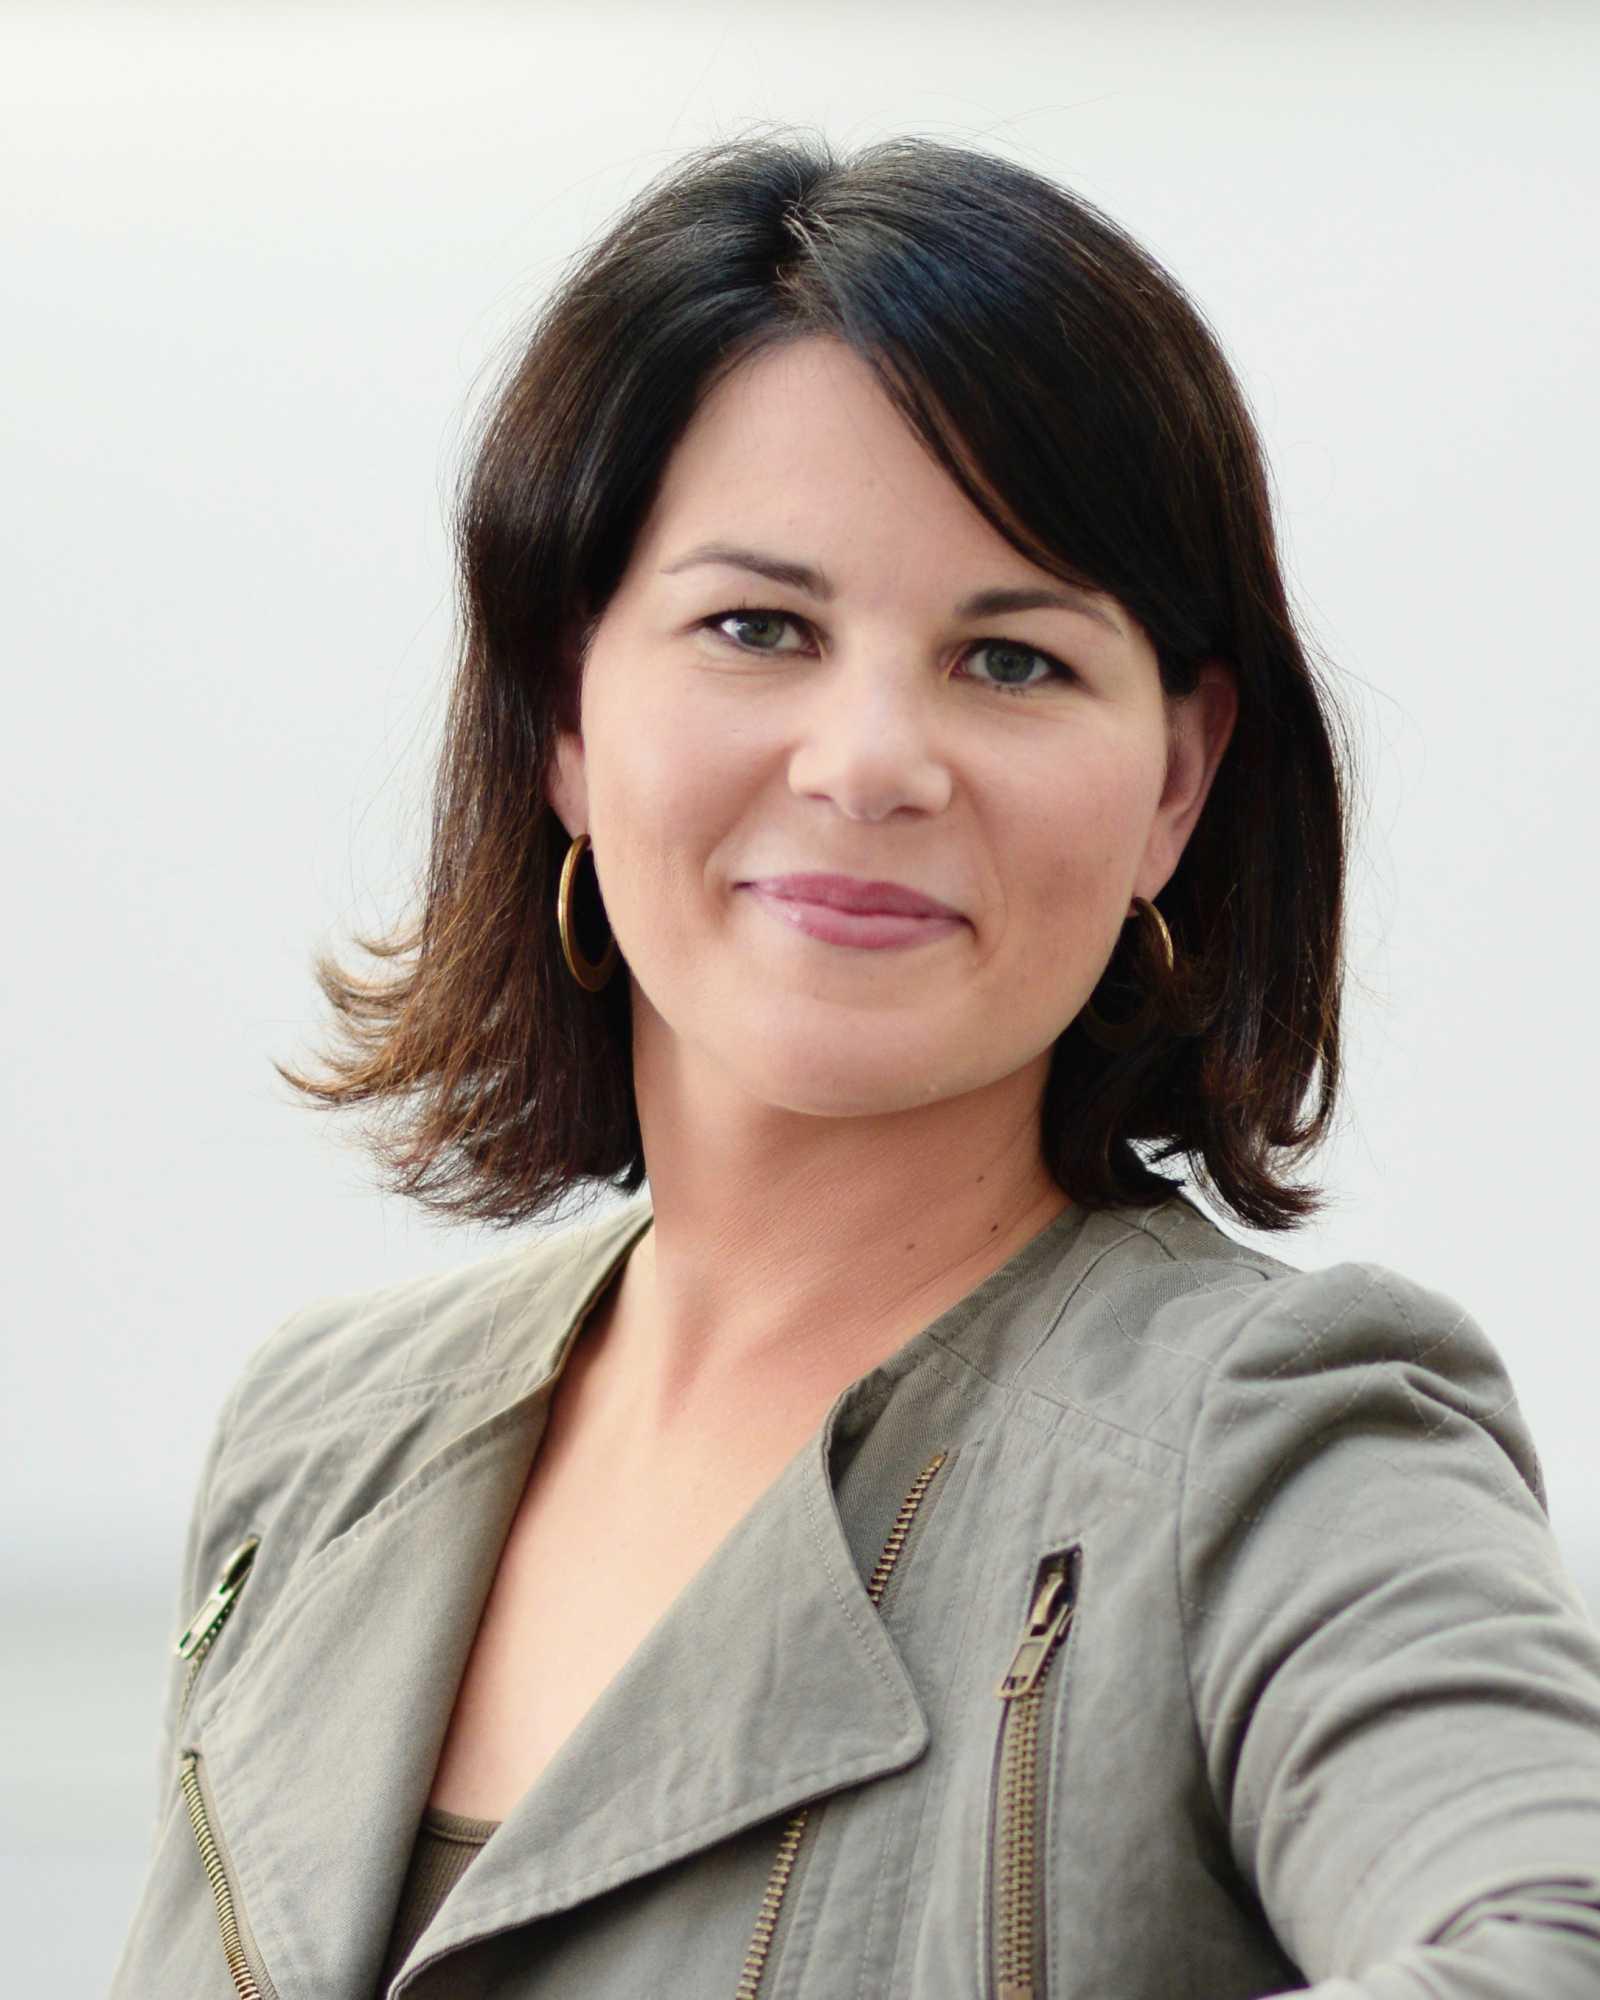 Grünen-Chefin Baerbrock fordert eine schnelle Einigung auf eine europäische Digitalsteuer. Apple, Google, Facebook und Amazon sollen mehr steuern zahlen.